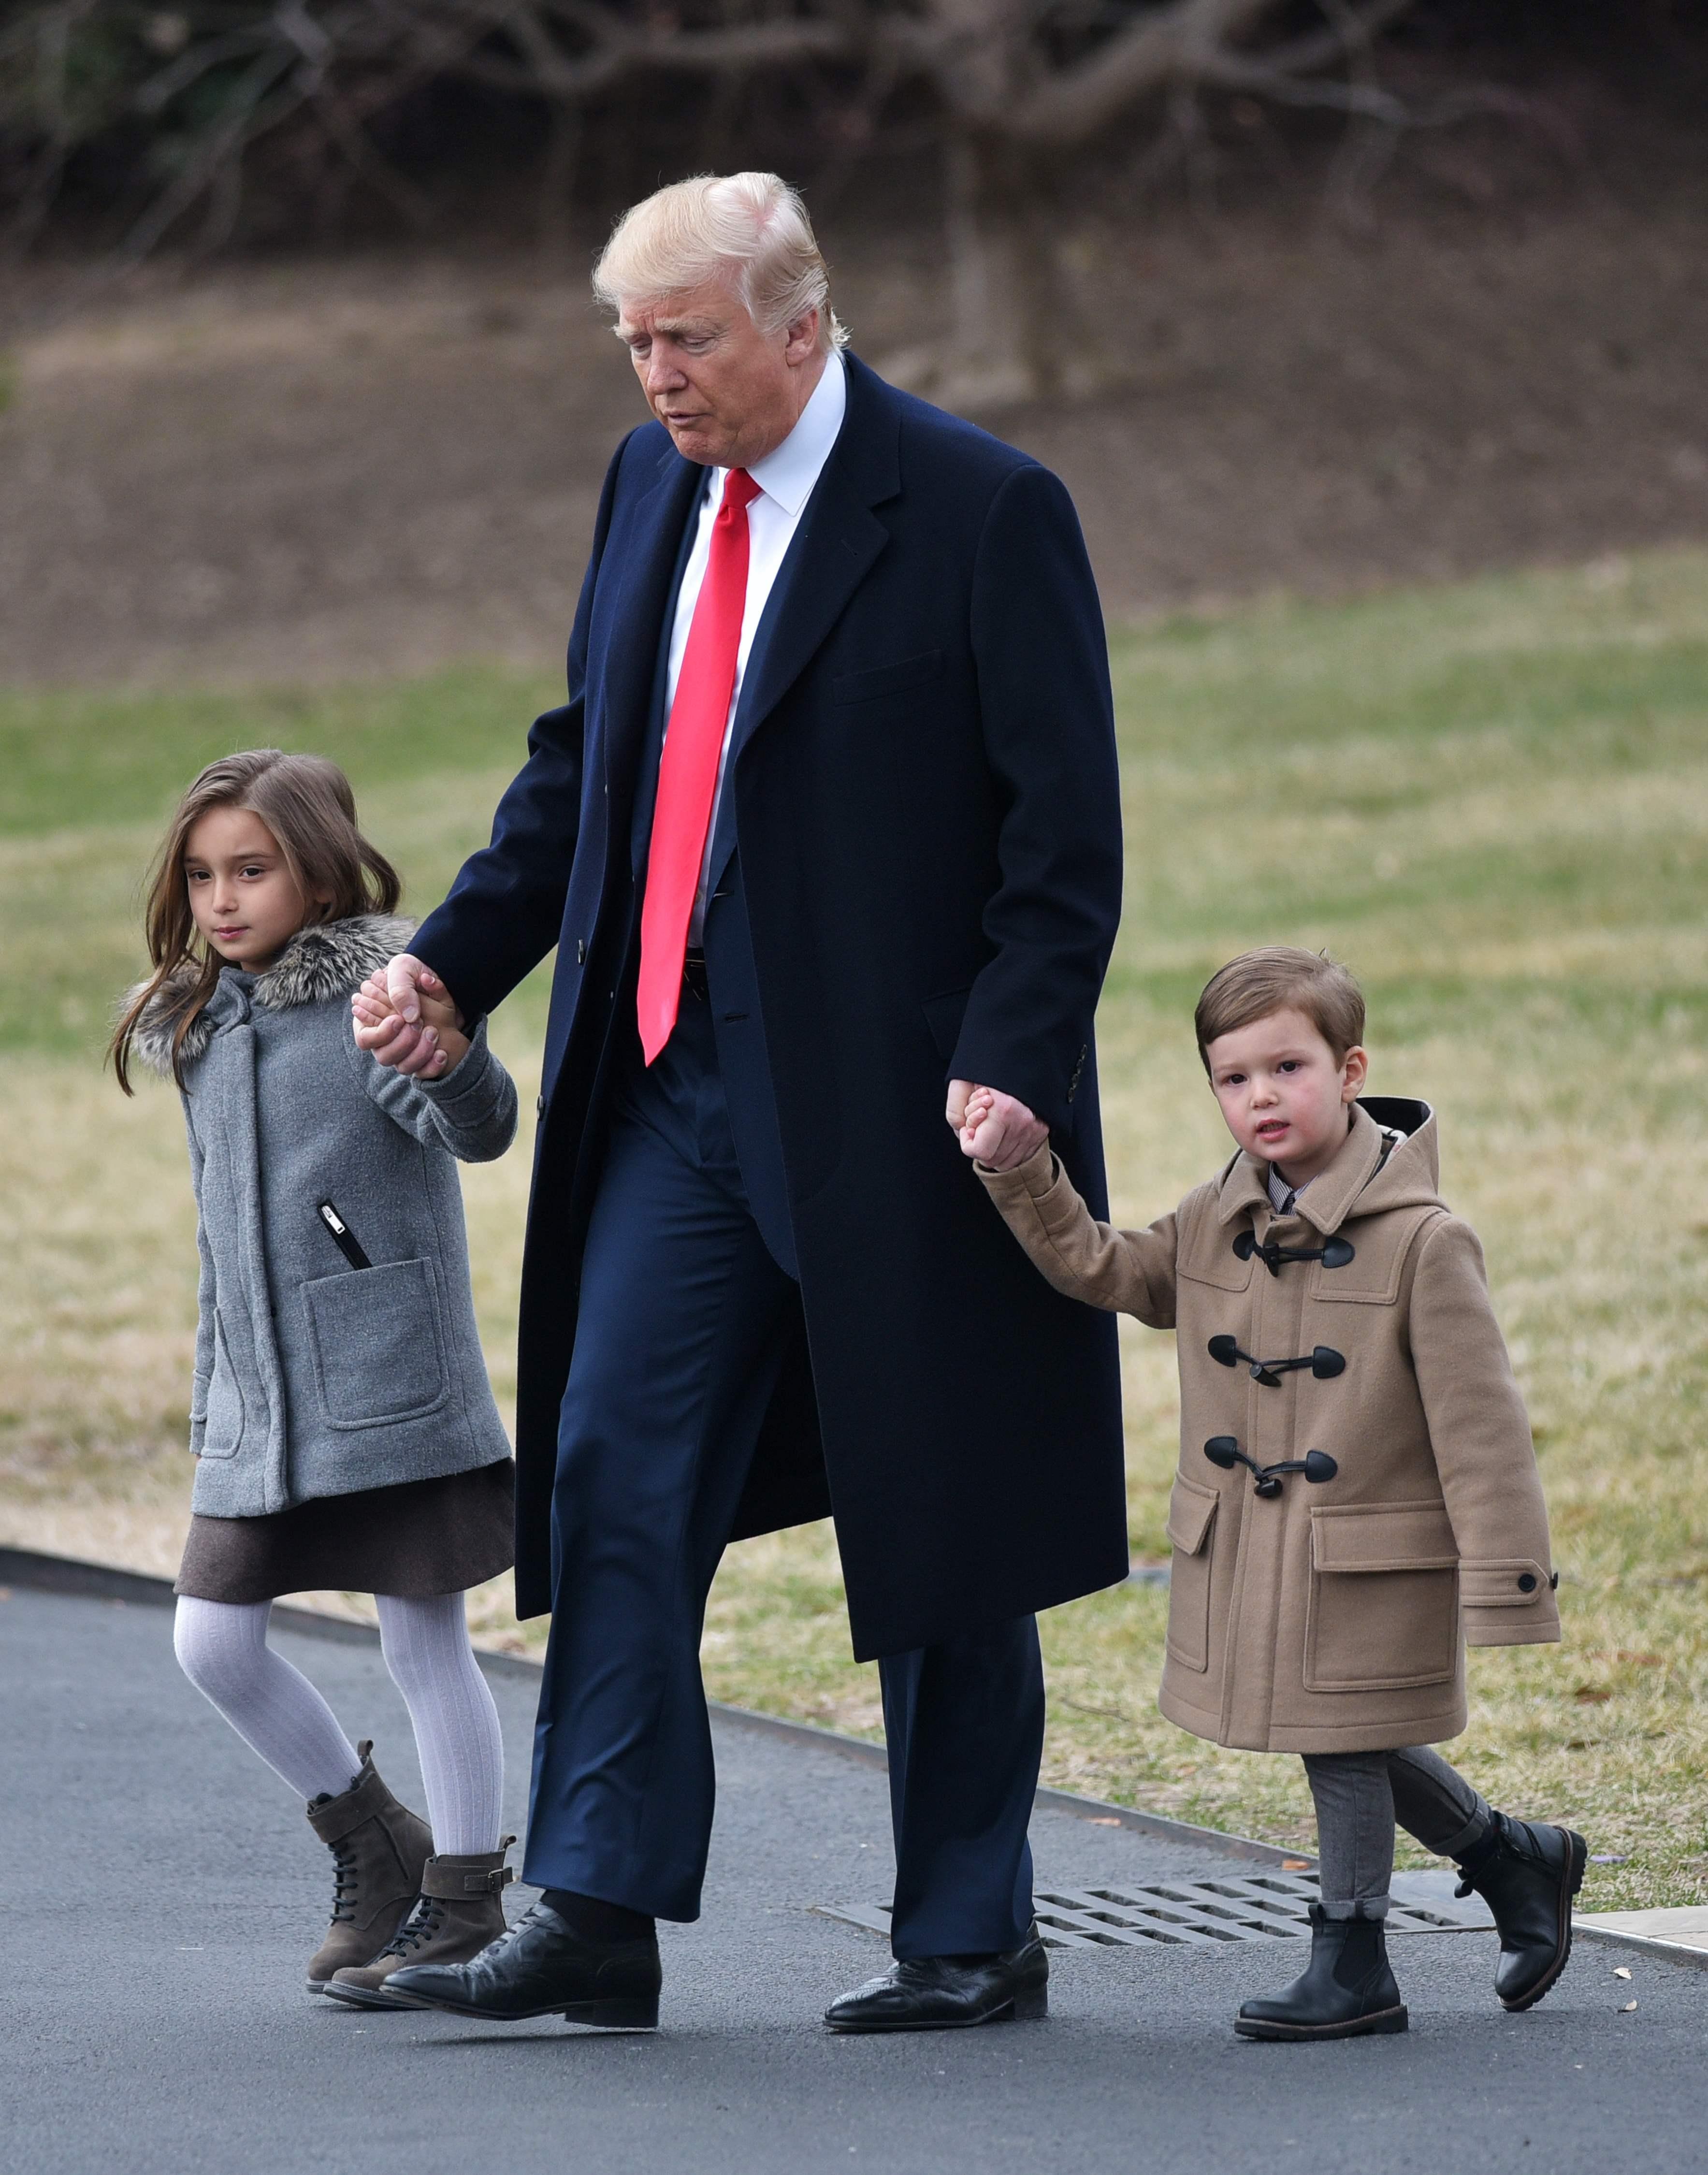 ترامب يصطحب أحفاده فى ساحات البيت الأبيض